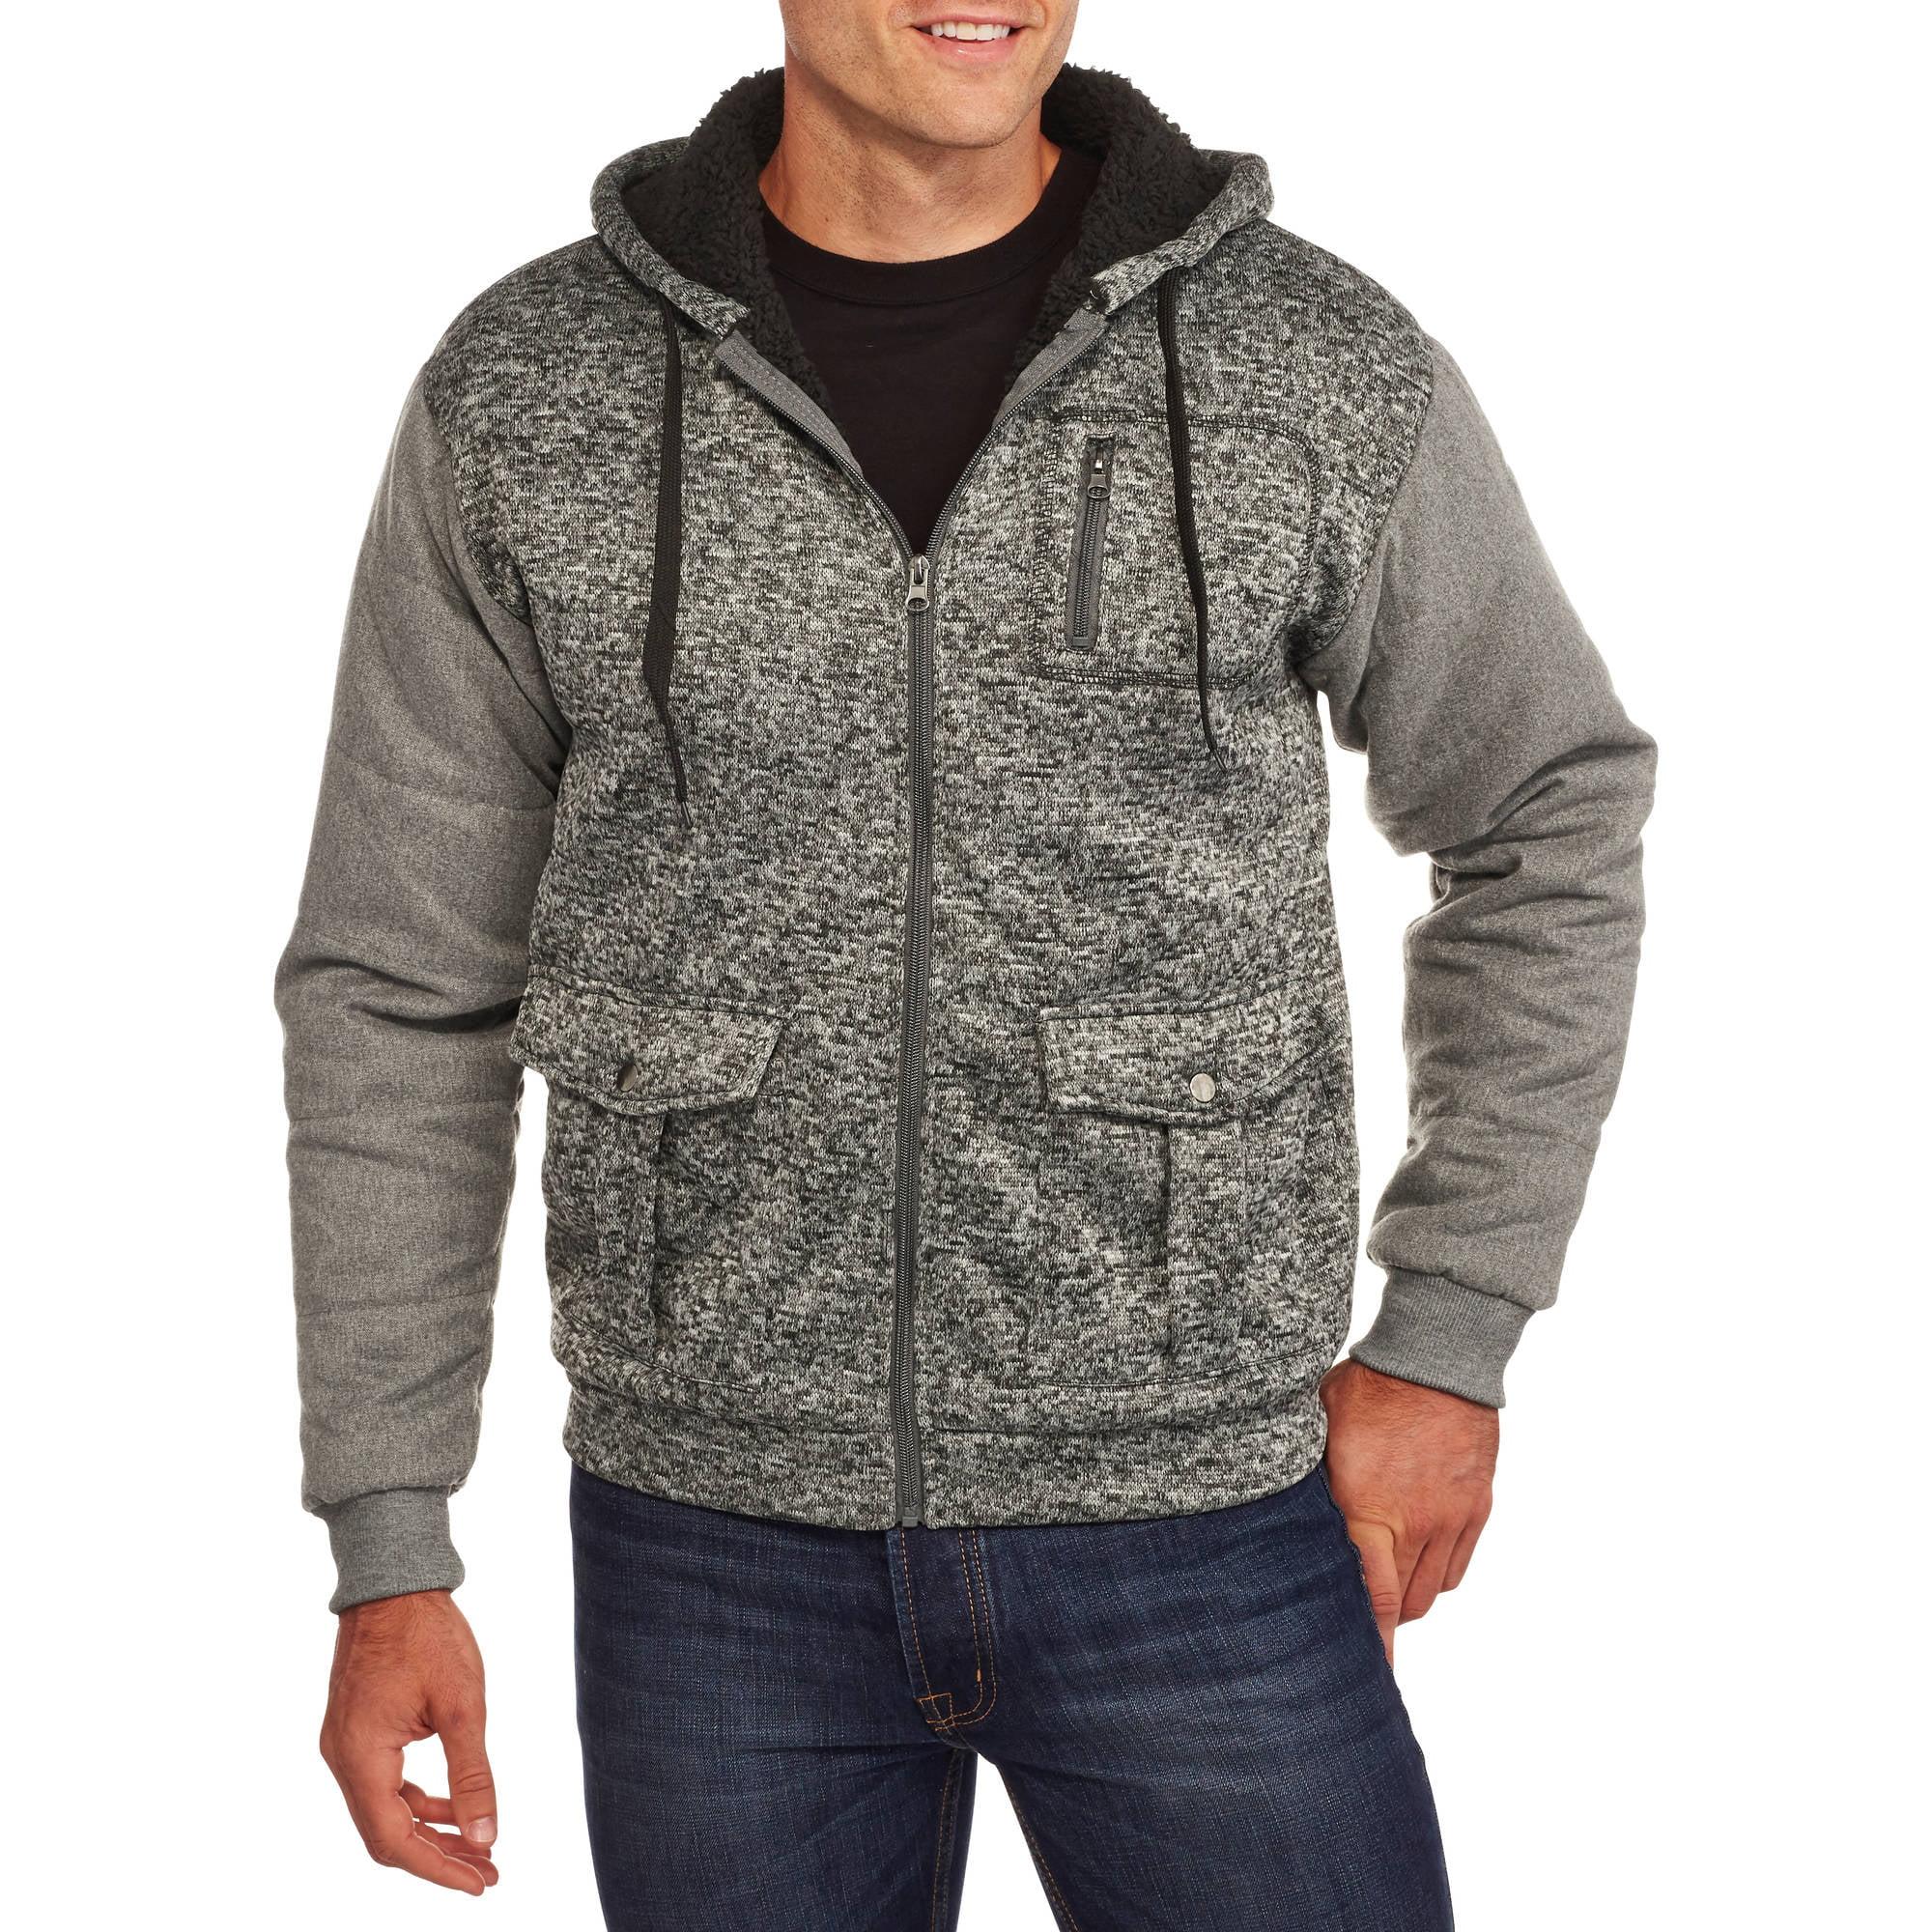 Big Men's Sherpa Hoodie with Contrast Sleeves